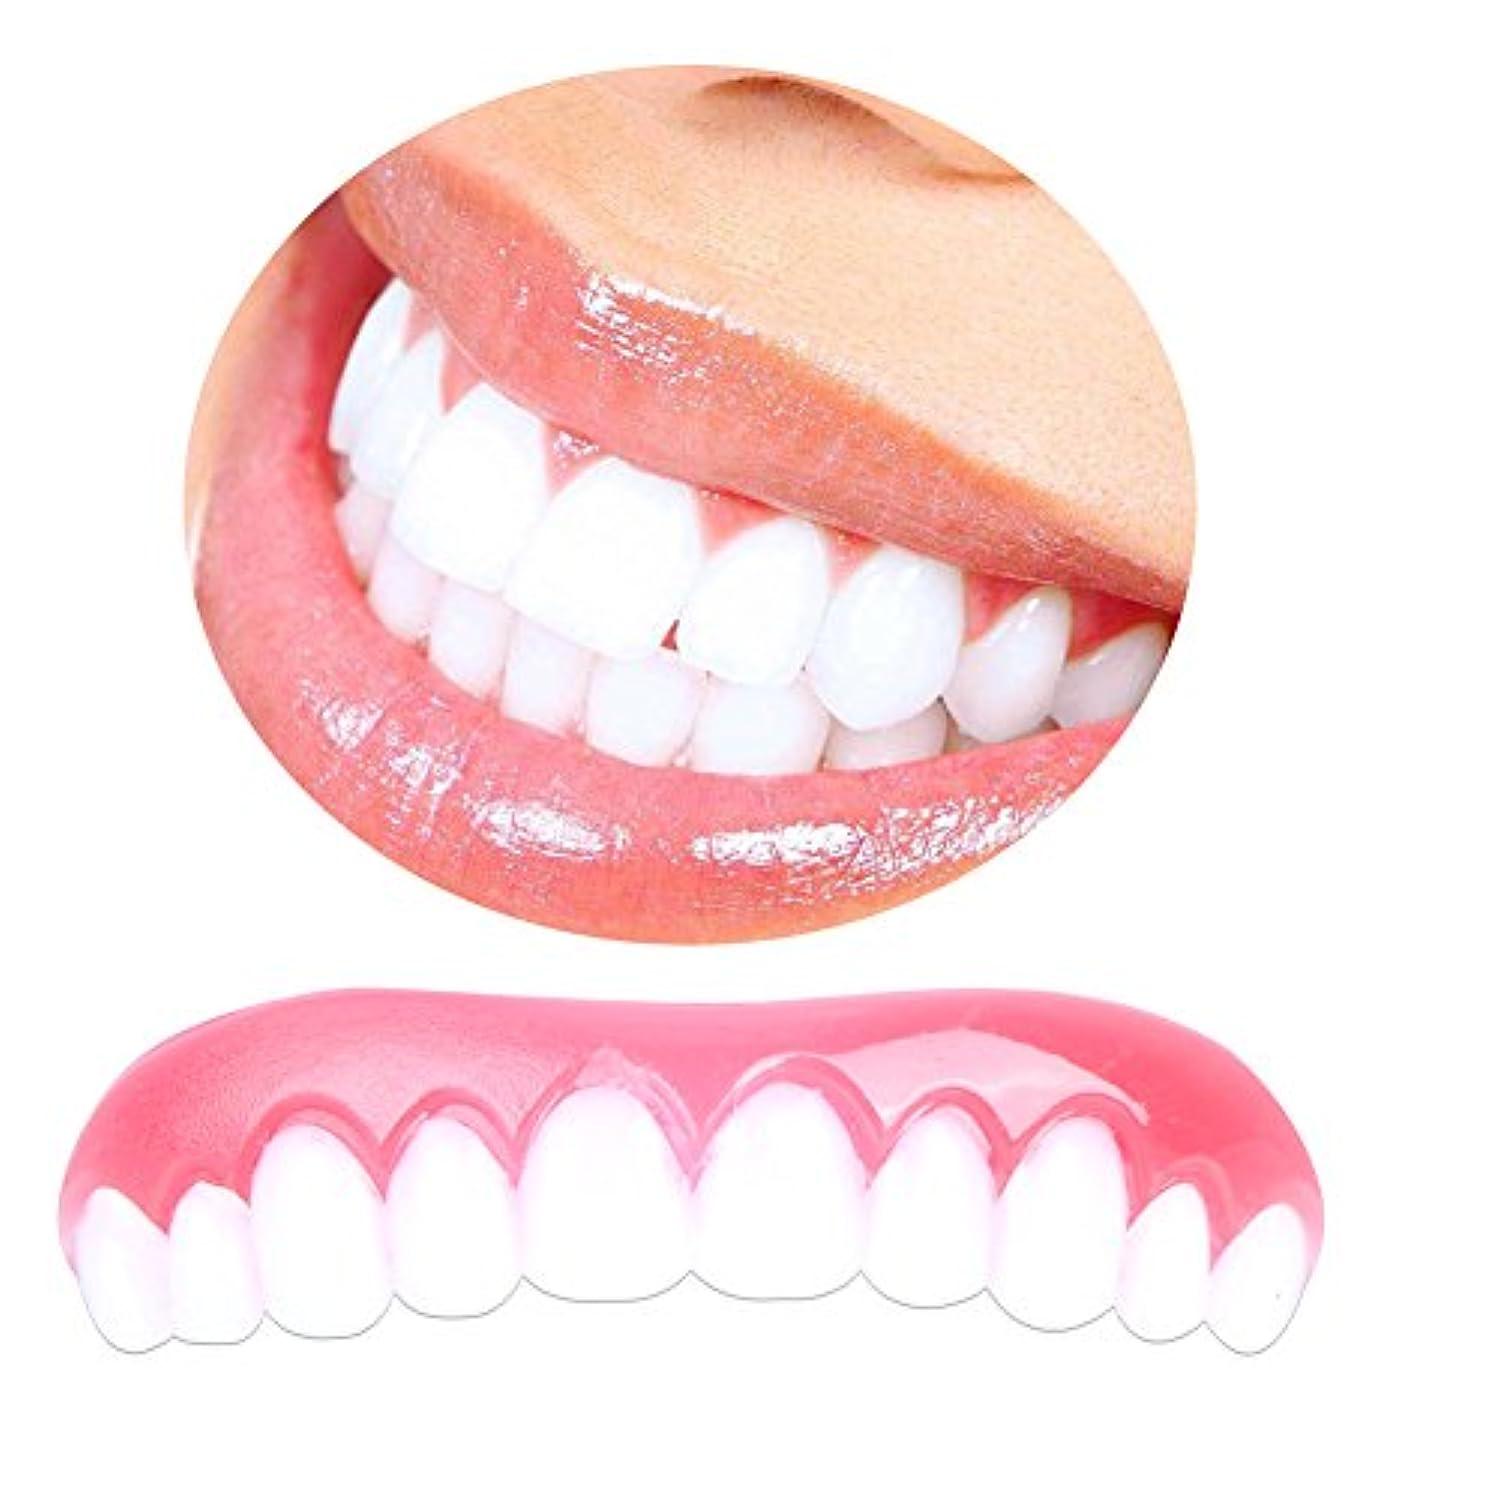 セグメント産地石化するコンフォートフィットフレックス化粧品歯パーフェクトスマイルベニアダブの歯の矯正用ダブ歯用ホワイトパーフェクトスマイルベニア歯のホワイトニング-2個